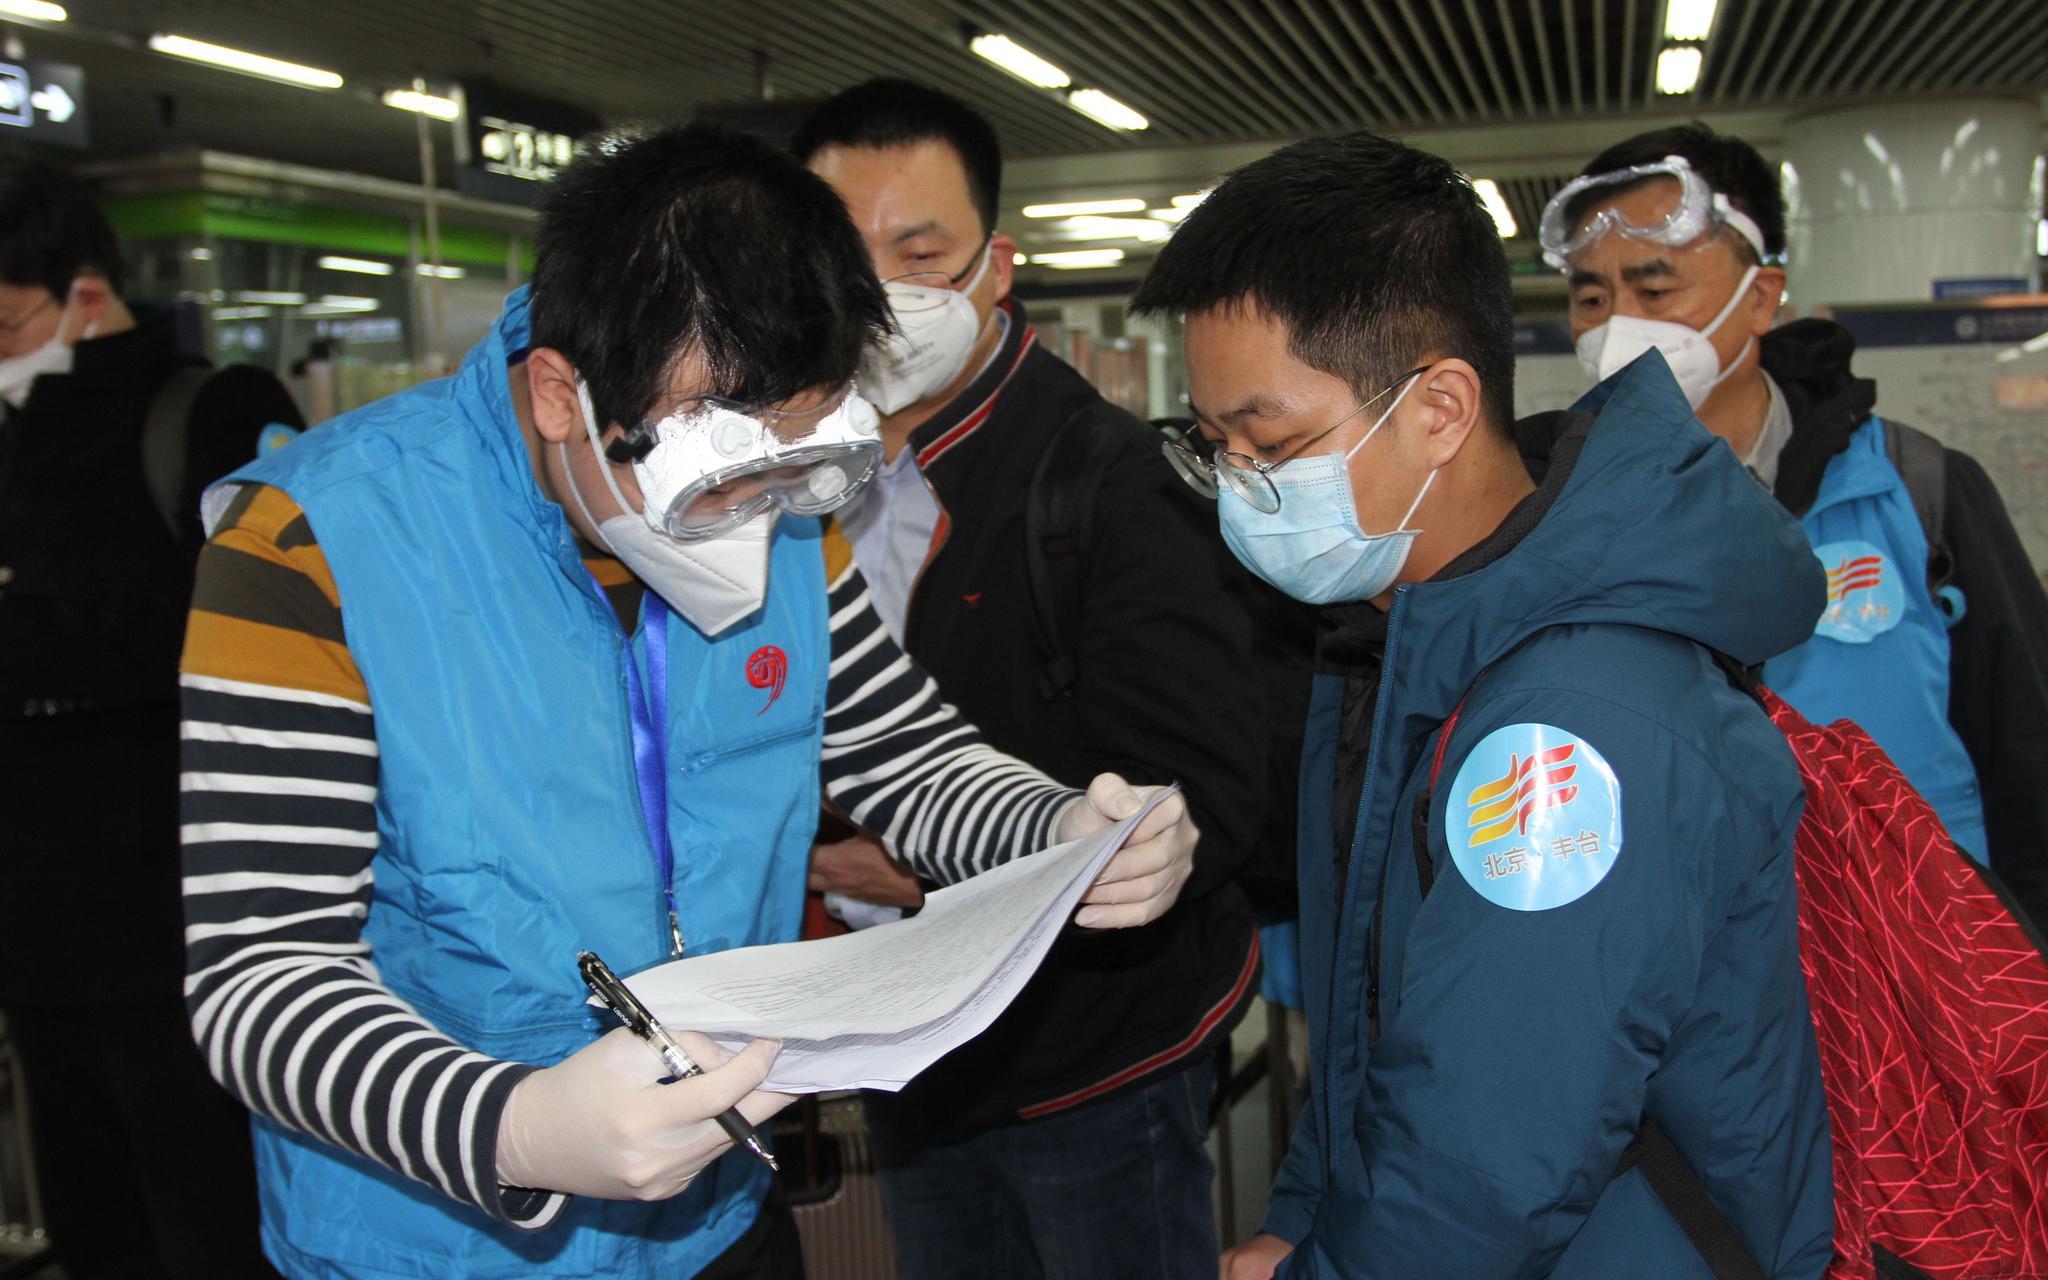 全程闭环转送 丰台区首批105名离鄂返京人员今晚回家图片